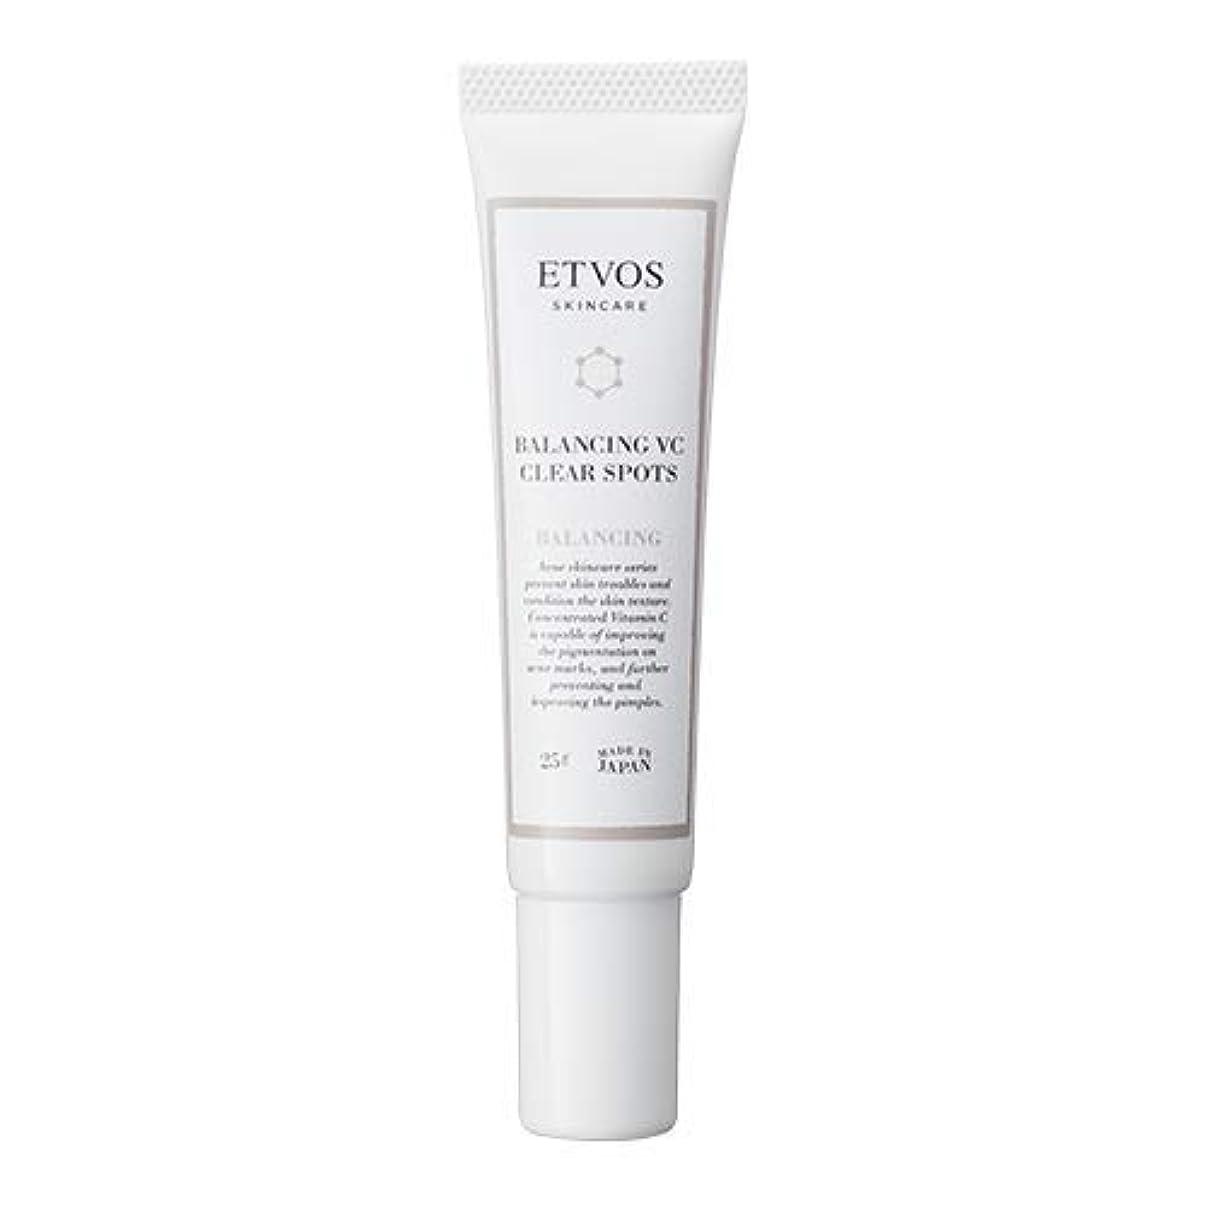 スリラー移動実験をするETVOS(エトヴォス) 肌荒れ防止美容液 バランシングVCクリアスポッツ 25g アゼライン酸 おでこ/あご/頭皮